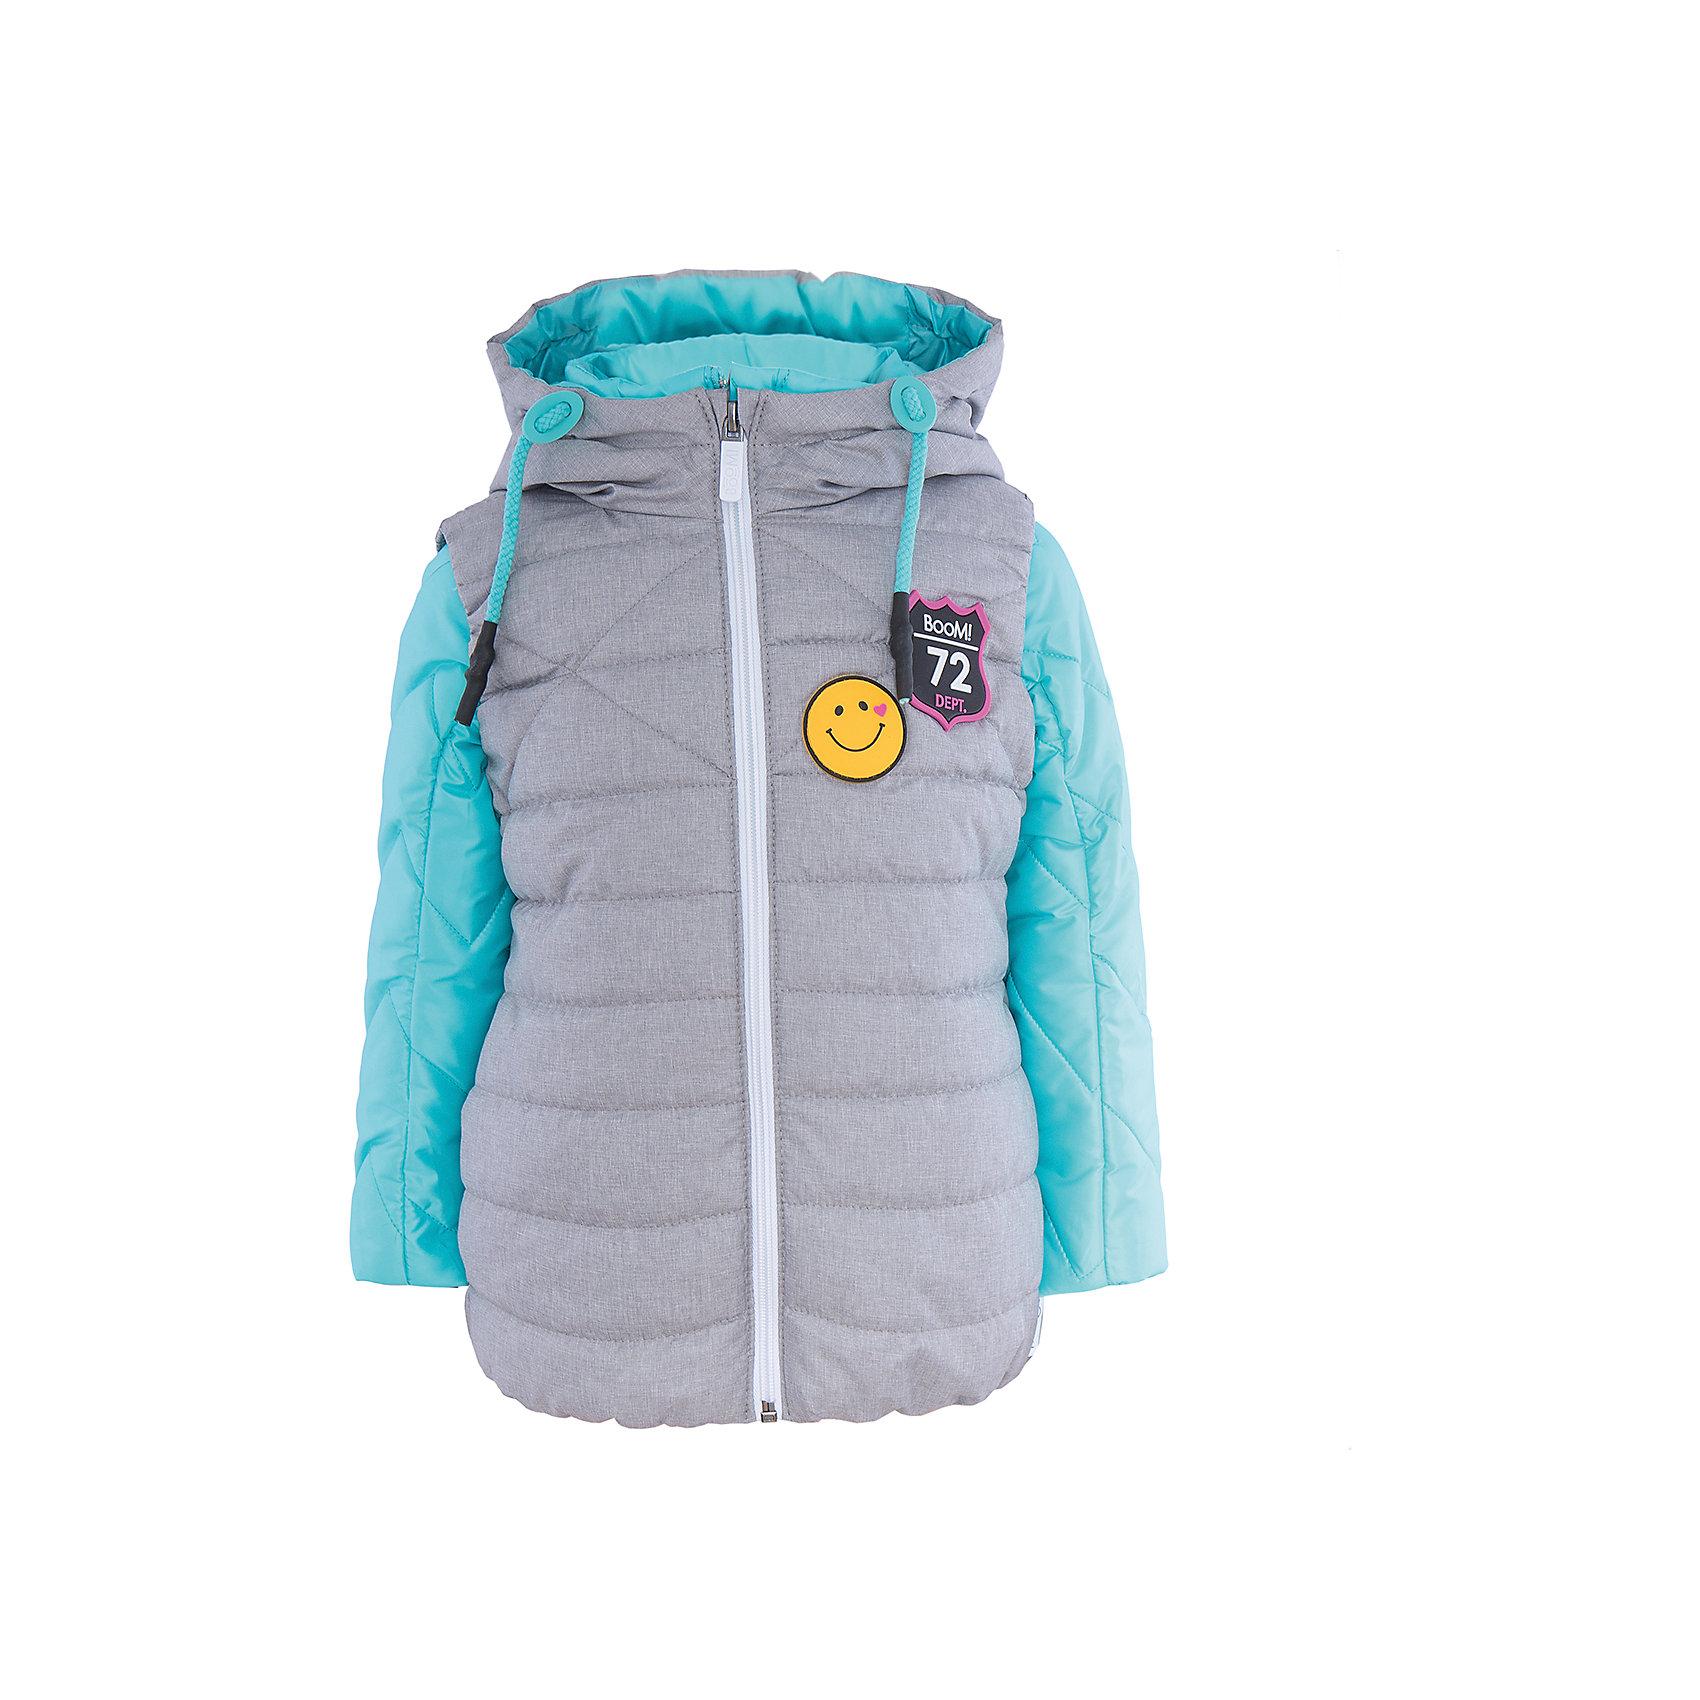 Куртка для девочки BOOM by OrbyХарактеристики товара:<br><br>• цвет: голубой/серый<br>• состав: 100% полиэстер<br>• курточка: верх - таффета, подкладка - поликоттон, полиэстер, утеплитель: Flexy Fiber 100 г/м2<br>• жилет: верх - таффета, подкладка - полиэстер, утеплитель: Flexy Fiber 150 г/м2<br>• комплектация: куртка, жилет<br>• температурный режим: от +15°до +5°С <br>• капюшон (не отстегивается)<br>• воротник-стойка<br>• застежка - молния<br>• модель-трансформер<br>• стеганая<br>• декорирована нашивками<br>• комфортная посадка<br>• страна производства: Российская Федерация<br>• страна бренда: Российская Федерация<br>• коллекция: весна-лето 2017<br><br><br>Куртка-трансформер с жилетом - универсальный вариант для межсезонья с постоянно меняющейся погодой. Эта модель - модная и удобная одновременно! Изделие отличается стильным ярким дизайном. Куртка хорошо сидит по фигуре, отлично сочетается с различным низом. Вещь была разработана специально для детей.<br><br>Одежда от российского бренда BOOM by Orby уже завоевала популярностью у многих детей и их родителей. Вещи, выпускаемые компанией, качественные, продуманные и очень удобные. Для производства коллекций используются только безопасные для детей материалы. Спешите приобрести модели из новой коллекции Весна-лето 2017! <br><br>Куртку для девочки от бренда BOOM by Orby можно купить в нашем интернет-магазине.<br><br>Ширина мм: 356<br>Глубина мм: 10<br>Высота мм: 245<br>Вес г: 519<br>Цвет: голубой<br>Возраст от месяцев: 36<br>Возраст до месяцев: 48<br>Пол: Женский<br>Возраст: Детский<br>Размер: 104,158,152,110,98,116,122,146,128,134,140<br>SKU: 5343173